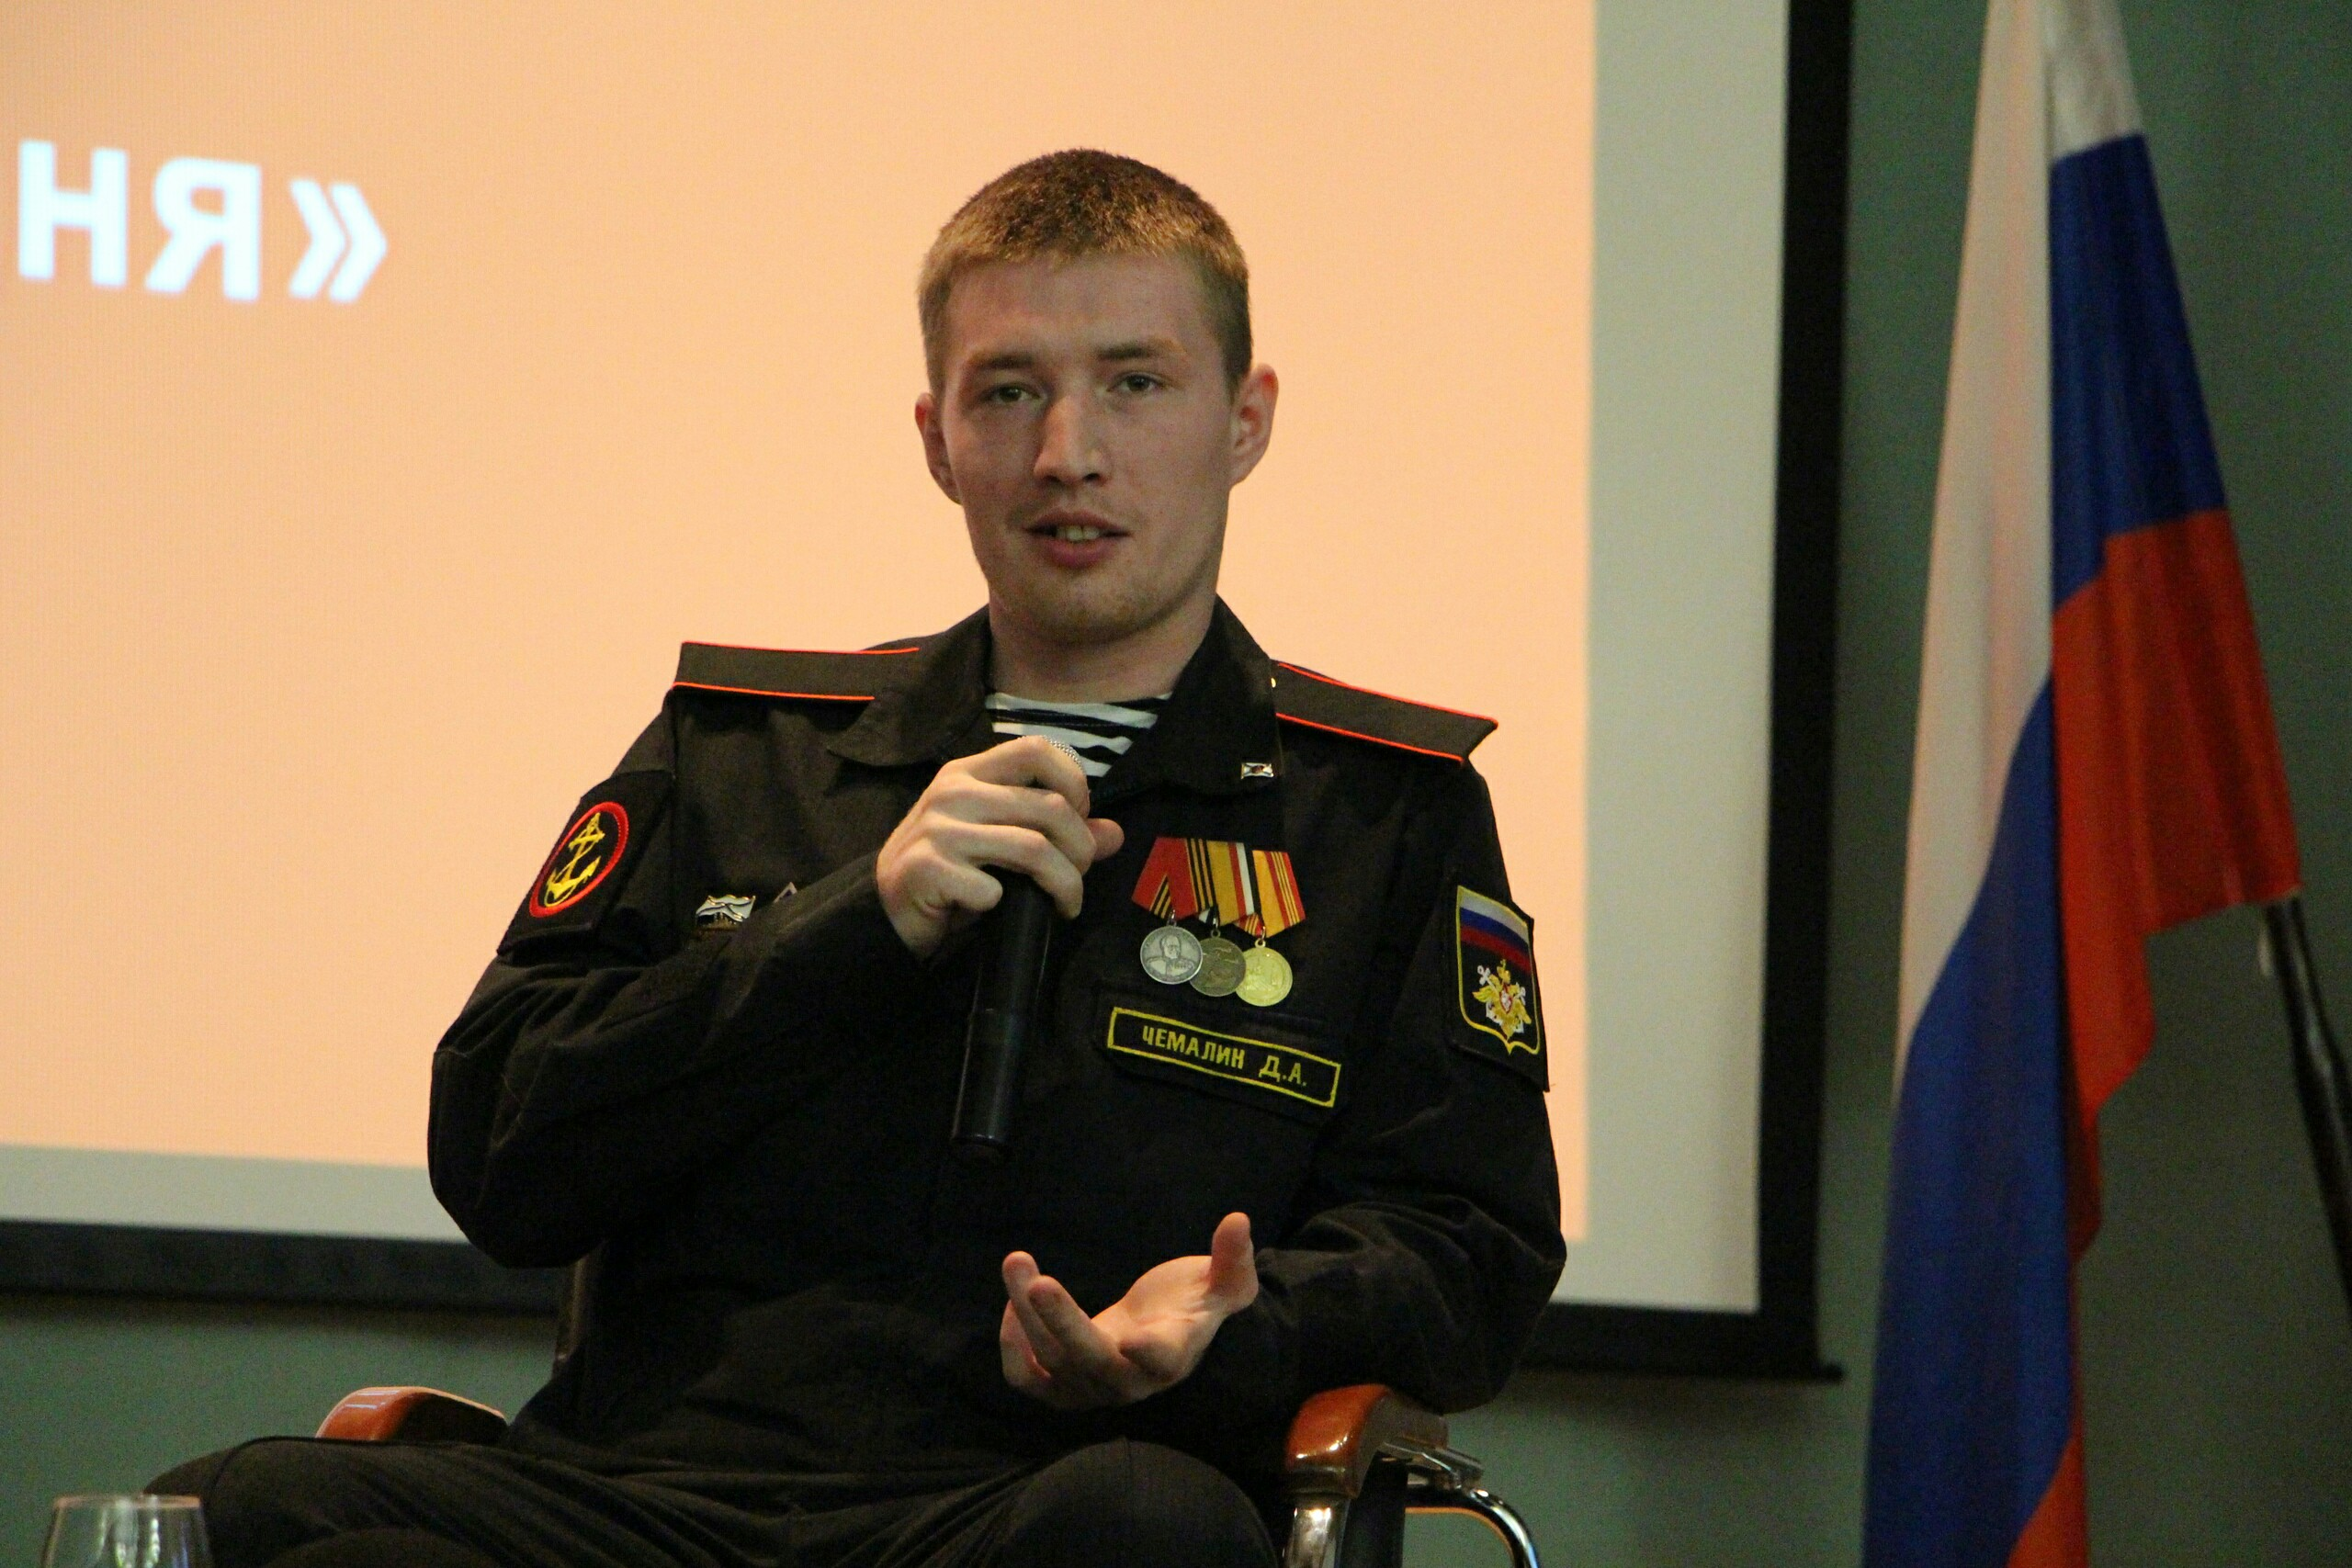 Festliche Feier am Tag der russischen Marine für einen Soldaten der 810. Marineinfanterie-Brigade